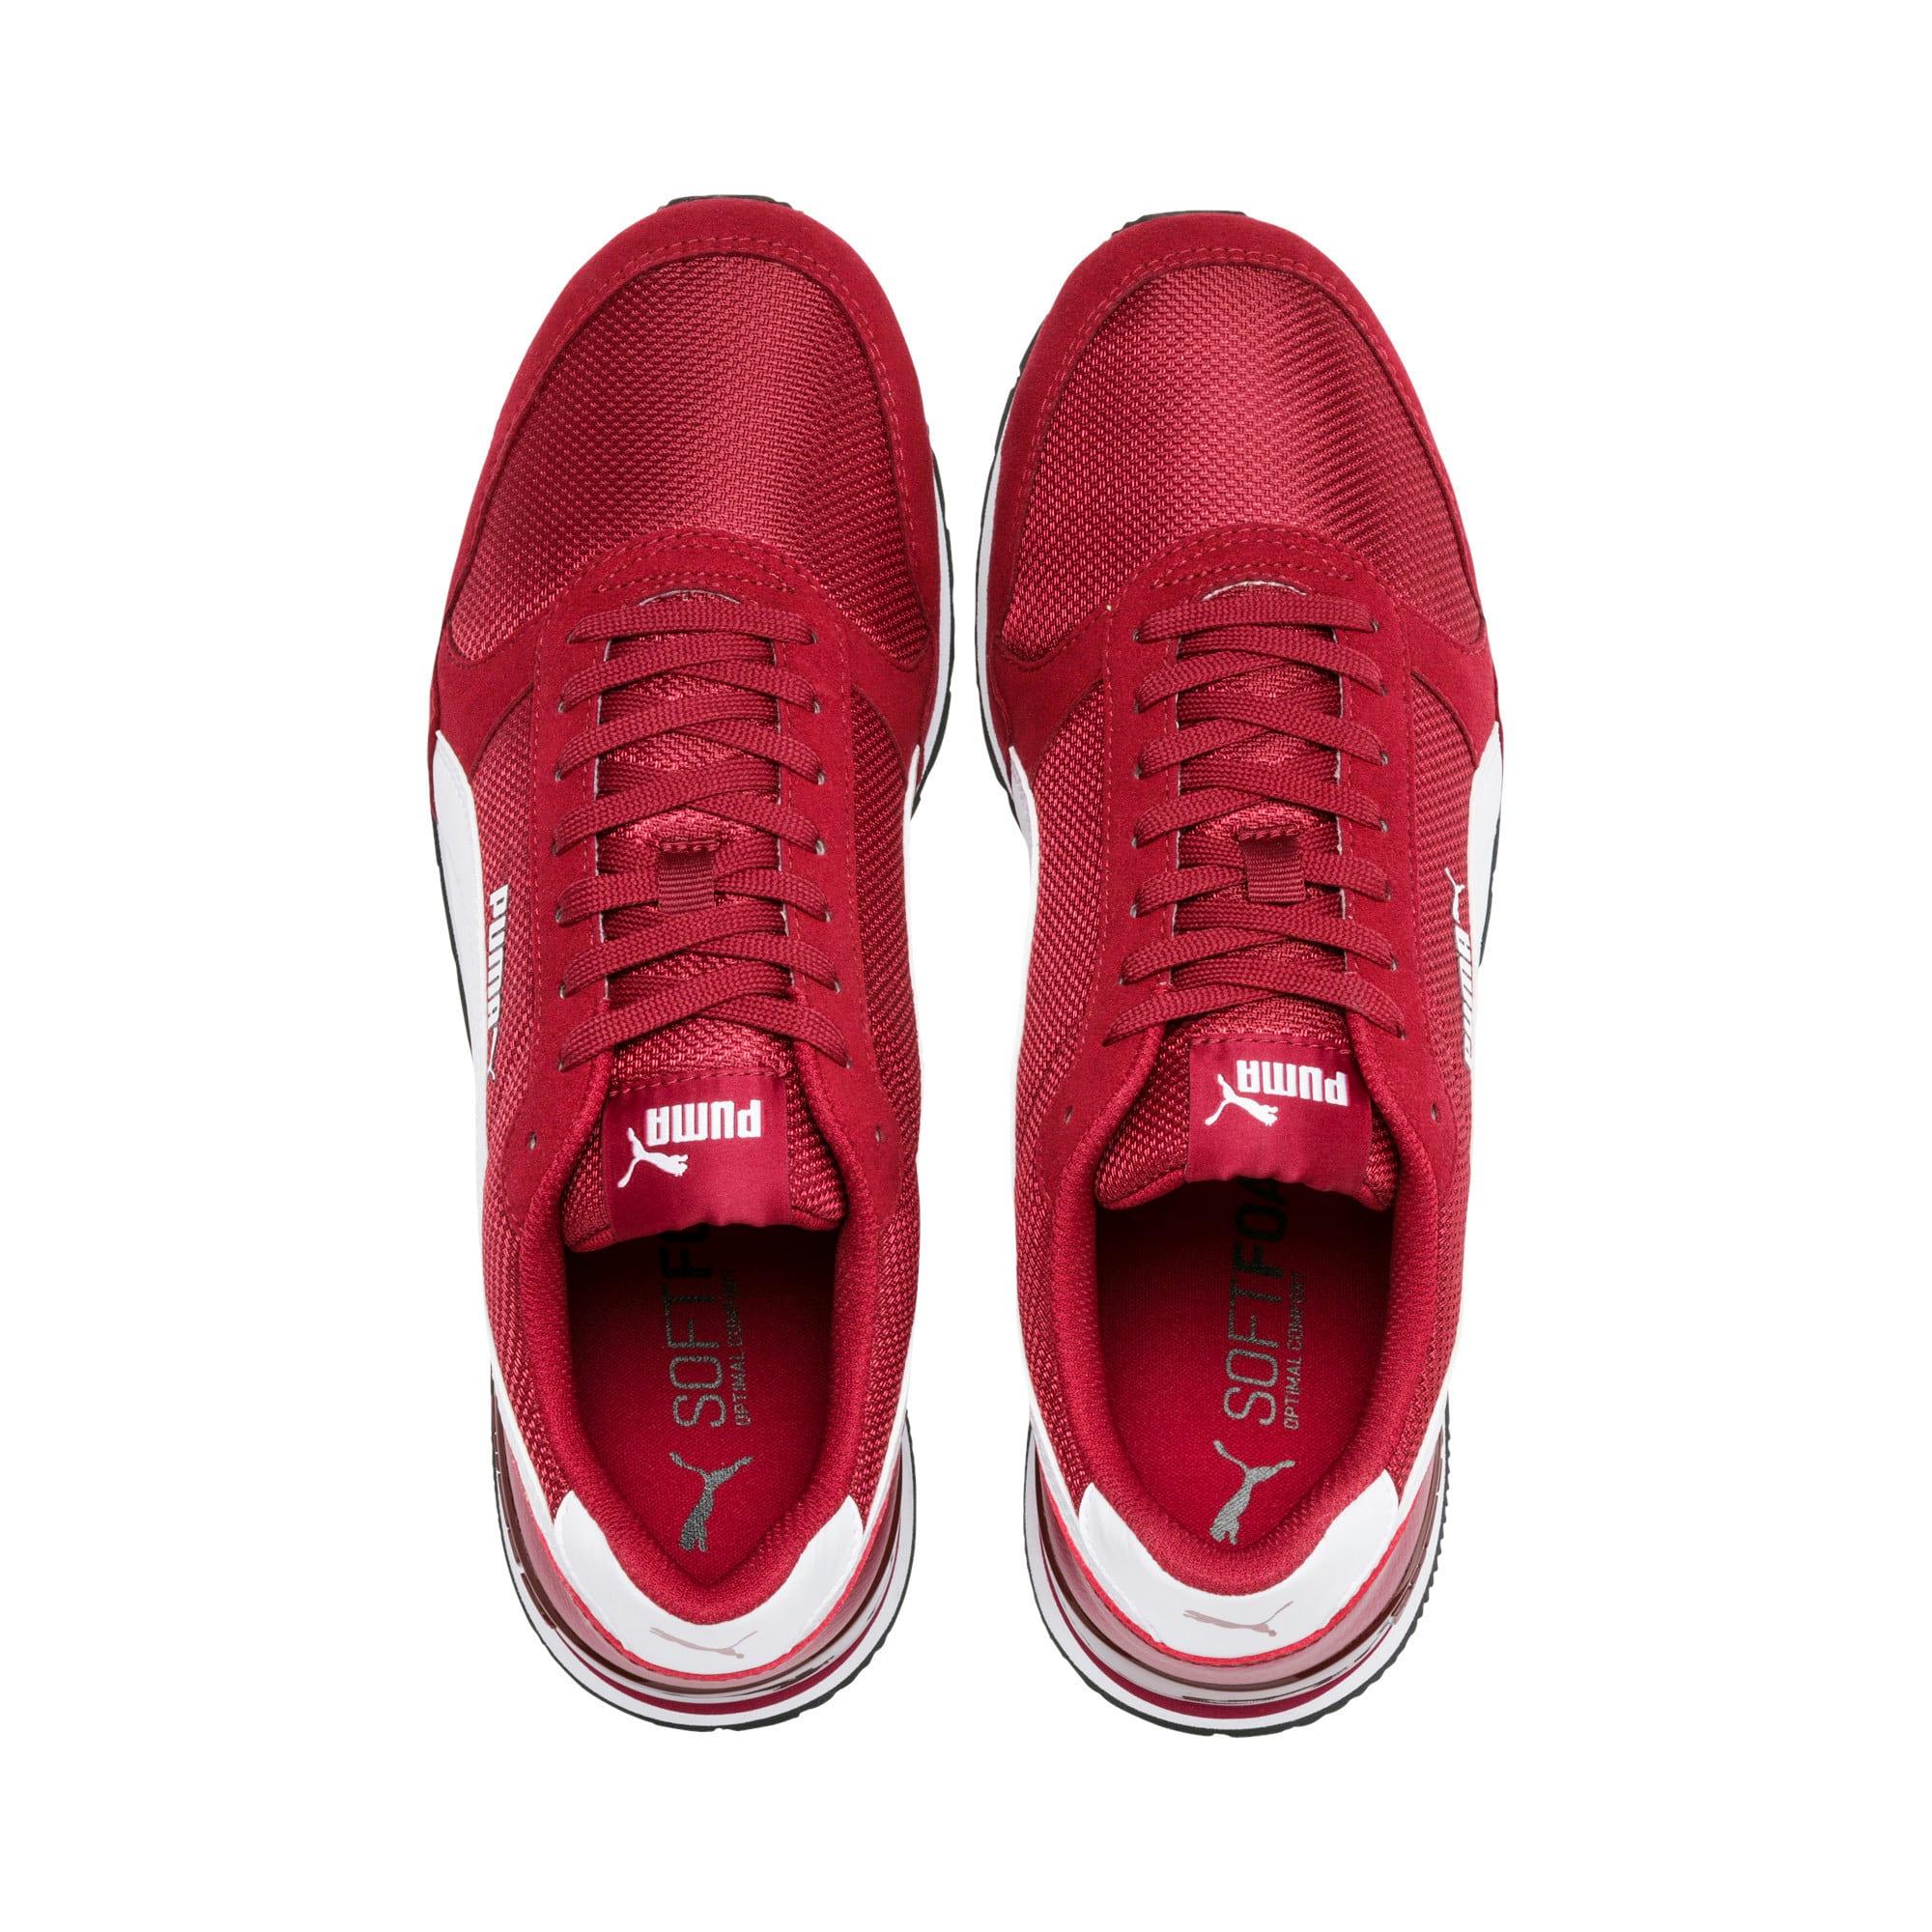 Miniatura 7 de Zapatos deportivos ST Runner v2 Mesh, Rhubarb-Puma White, mediano